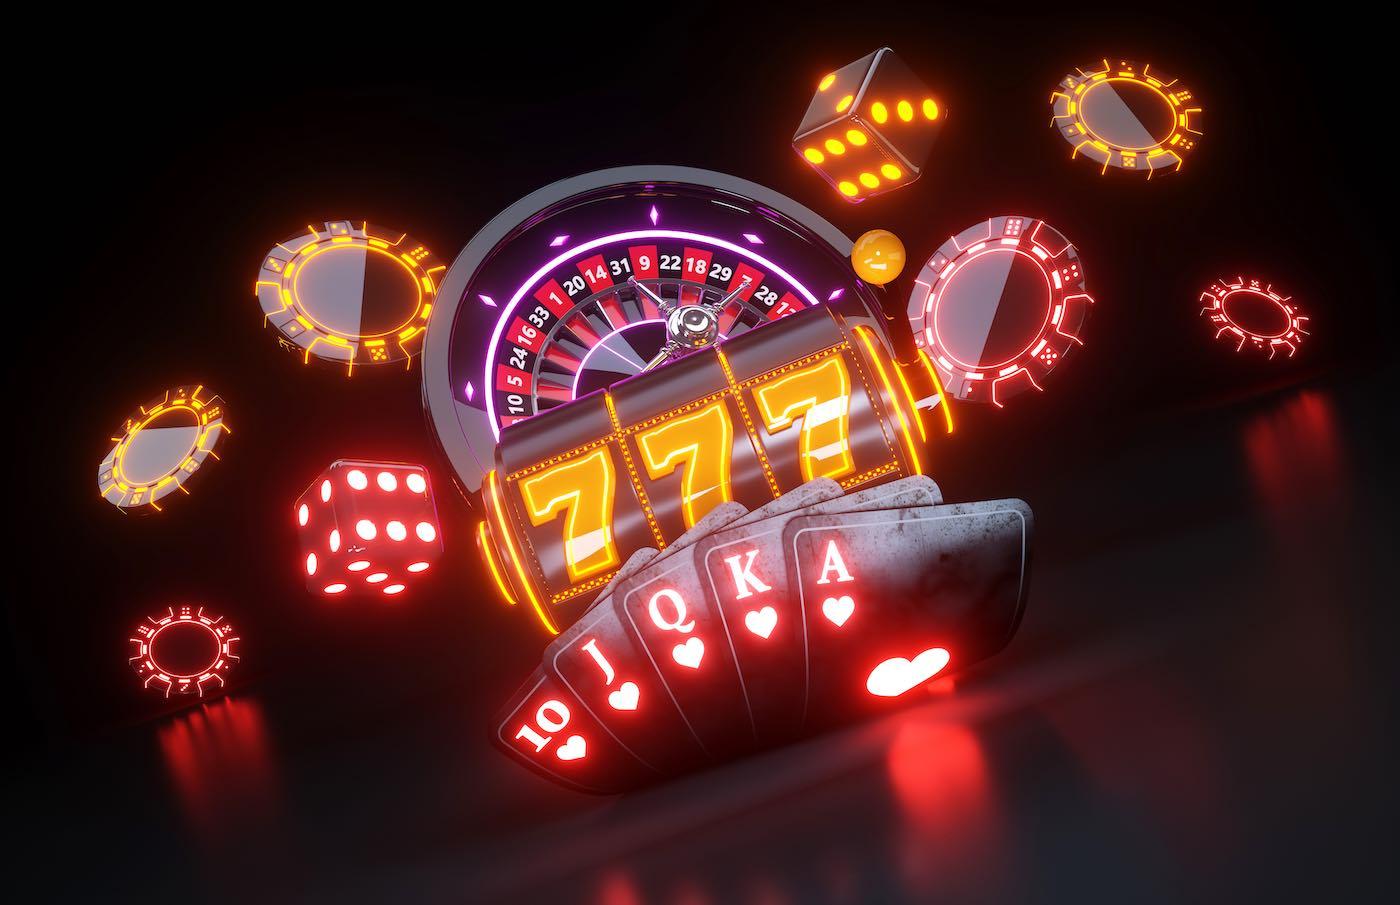 La afición de los rockstars por los juegos de casino y sus premios